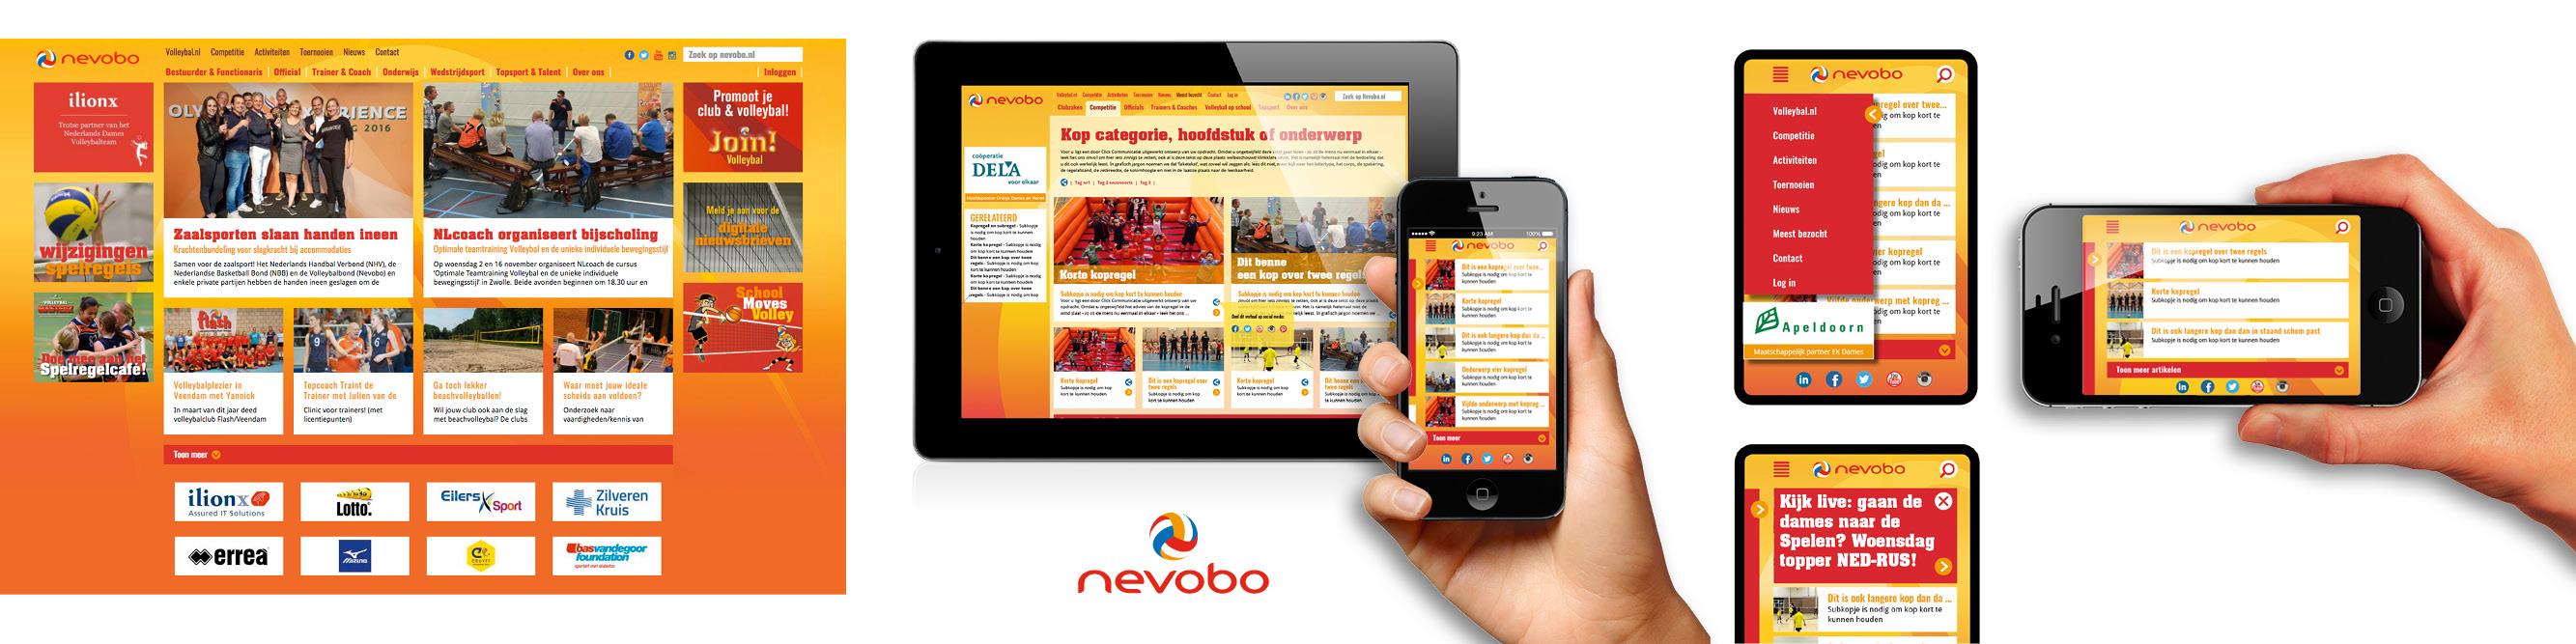 Nevobo.nl voor sportactivators